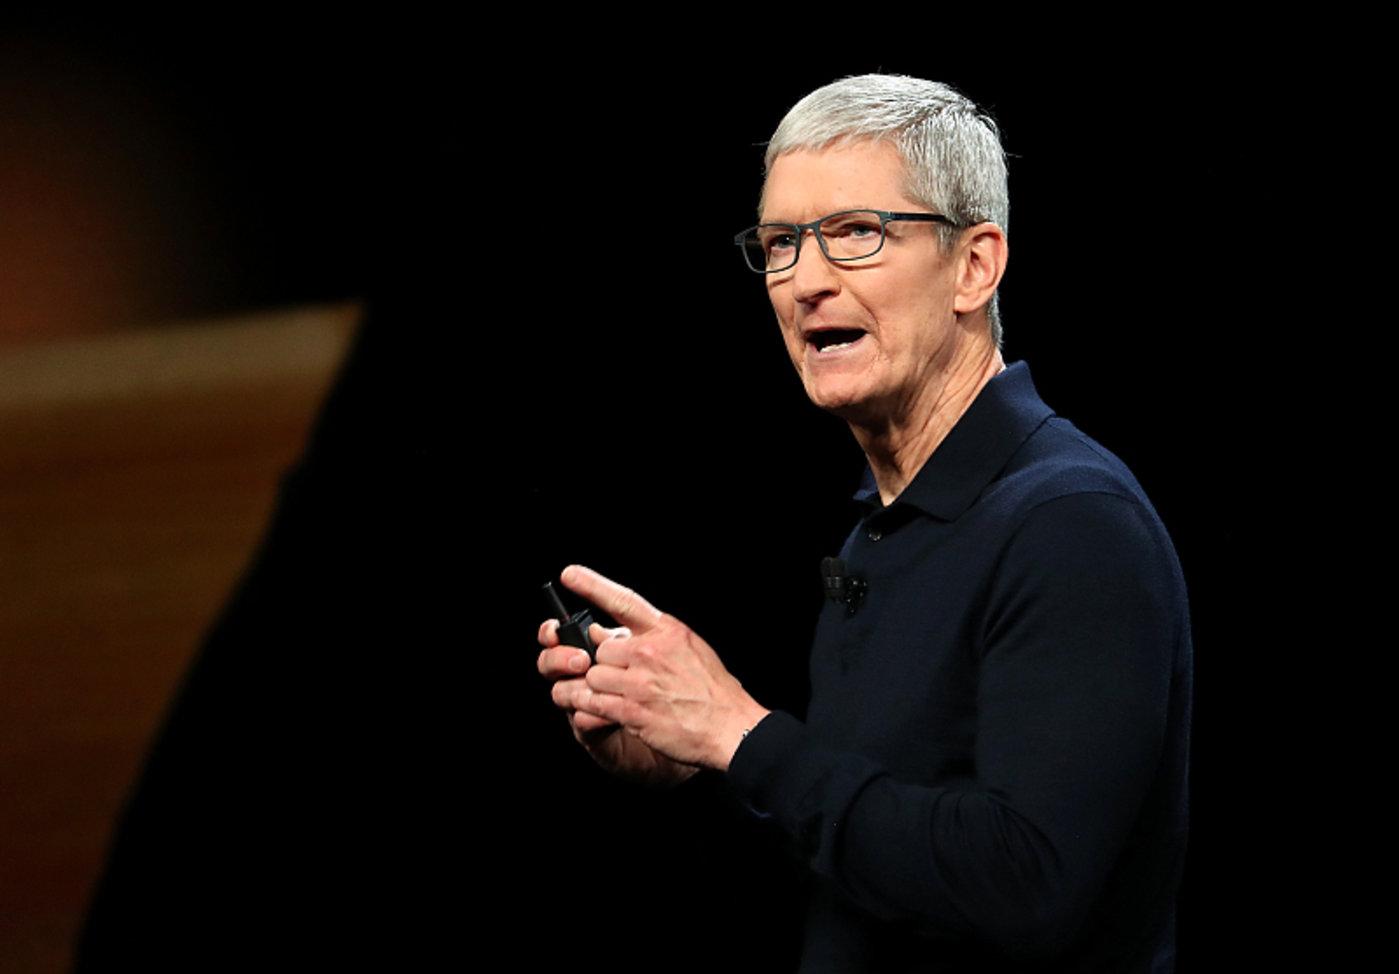 苹果CEO蒂姆·库克,图片来源视觉中国